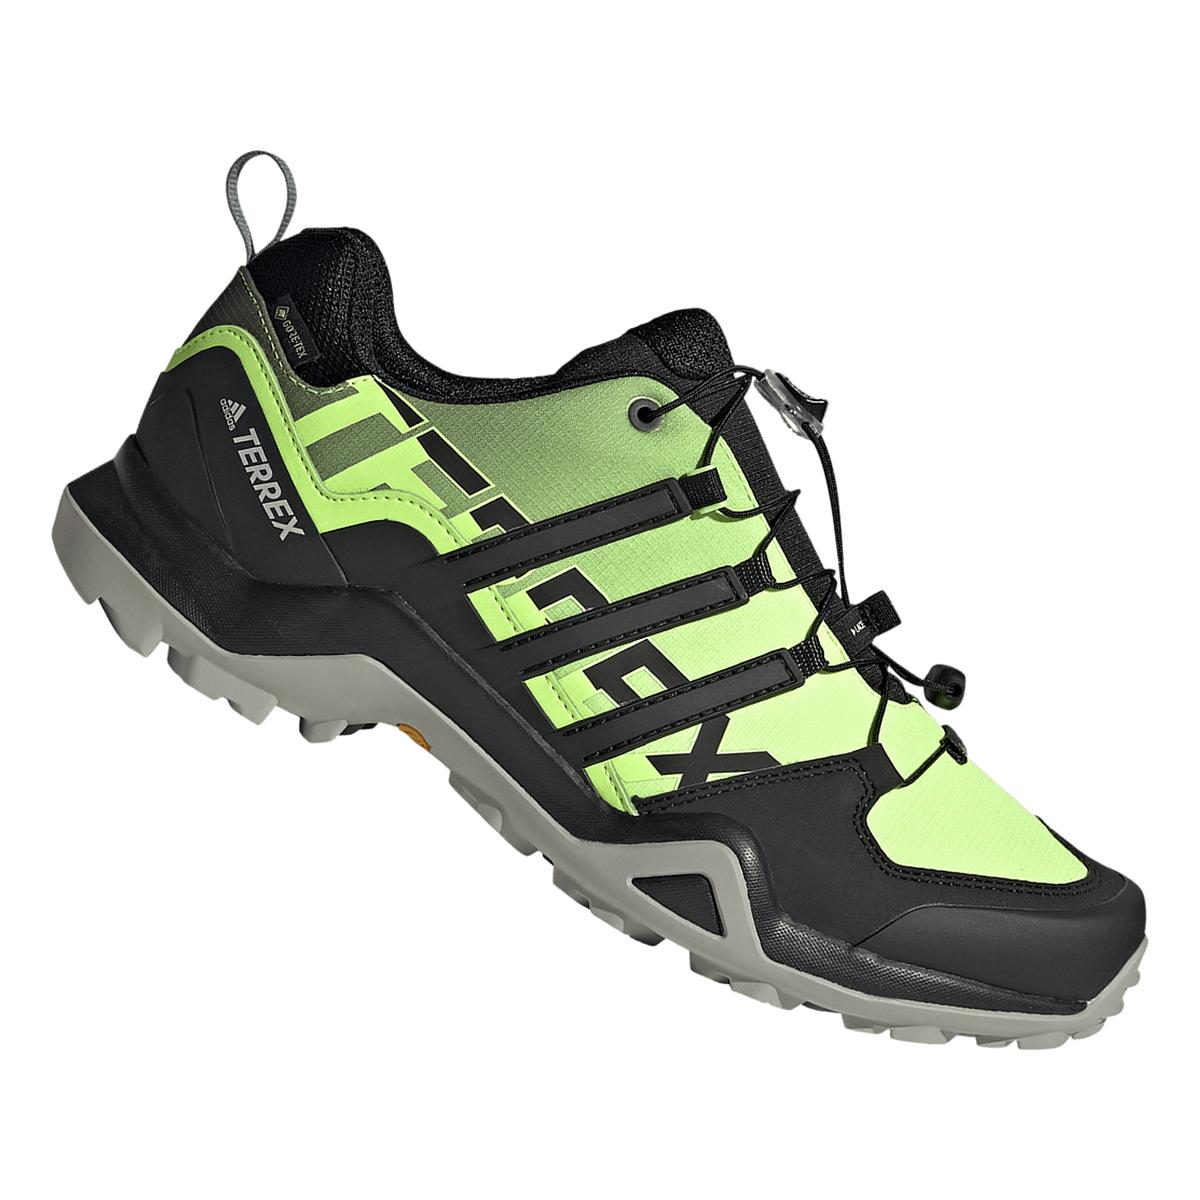 adidas schoen Terrex Swift R2 GTX groen fluo/zwart voor €84,95 @ Geomix